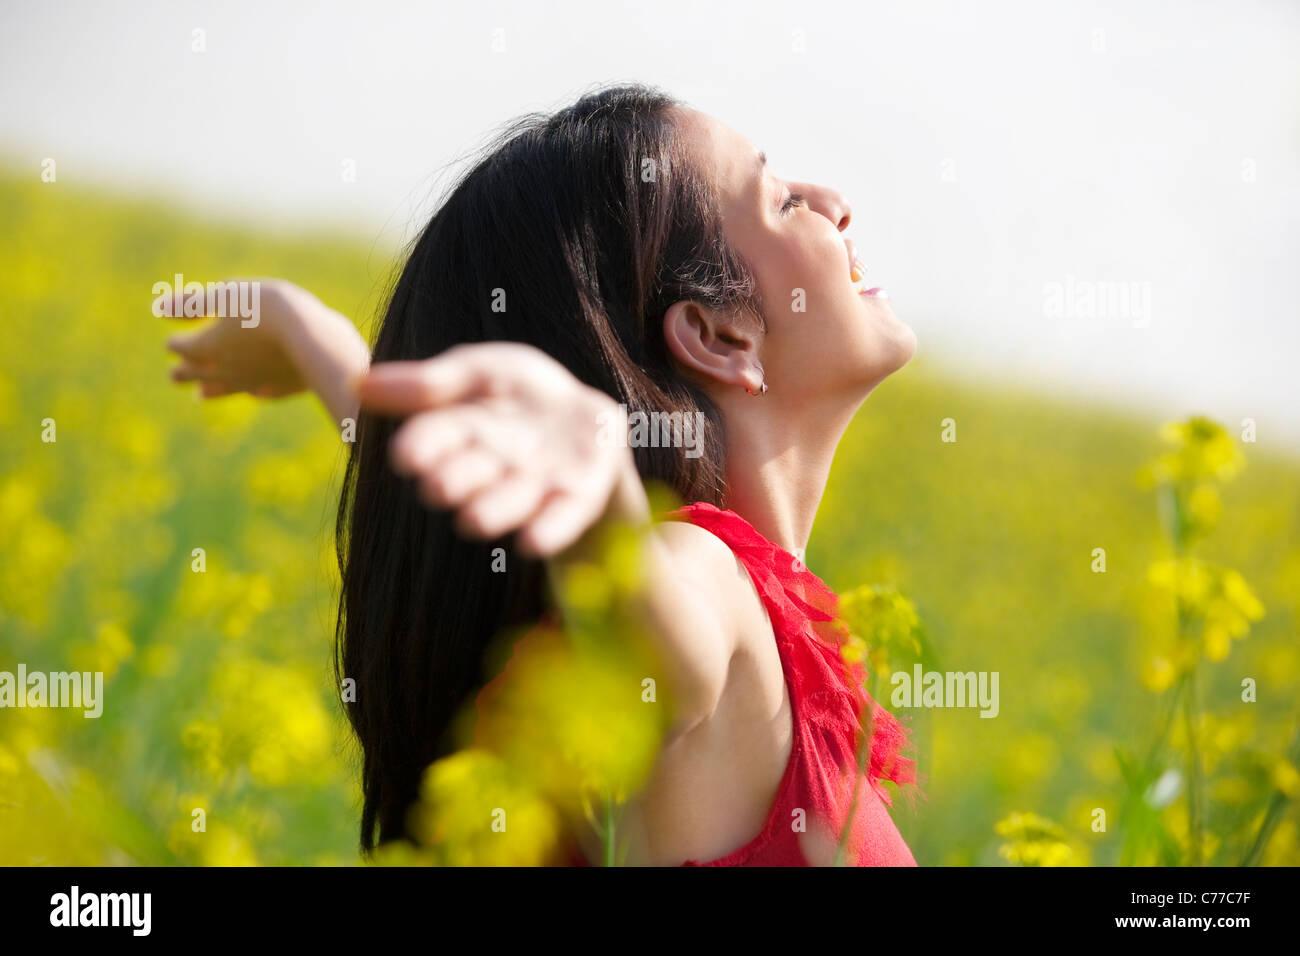 Mujer joven disfrutando de ella en un campo Imagen De Stock